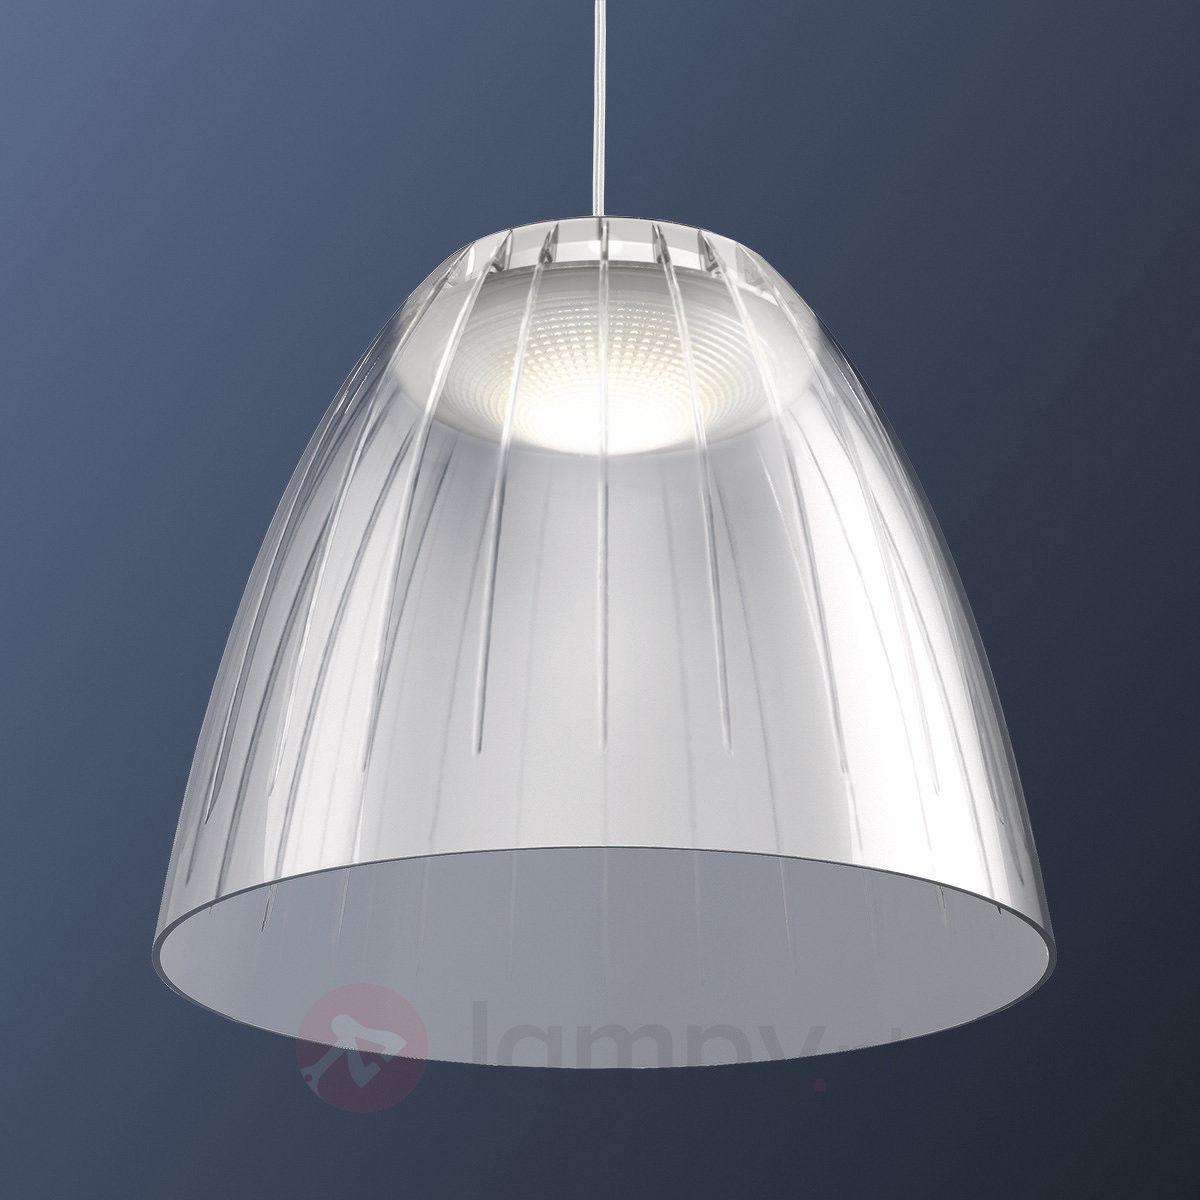 Philips Tenuto 40904/60/16 LAMPA WISZCZĄCA LED 4,5W --- WYSYŁKA 48H ---